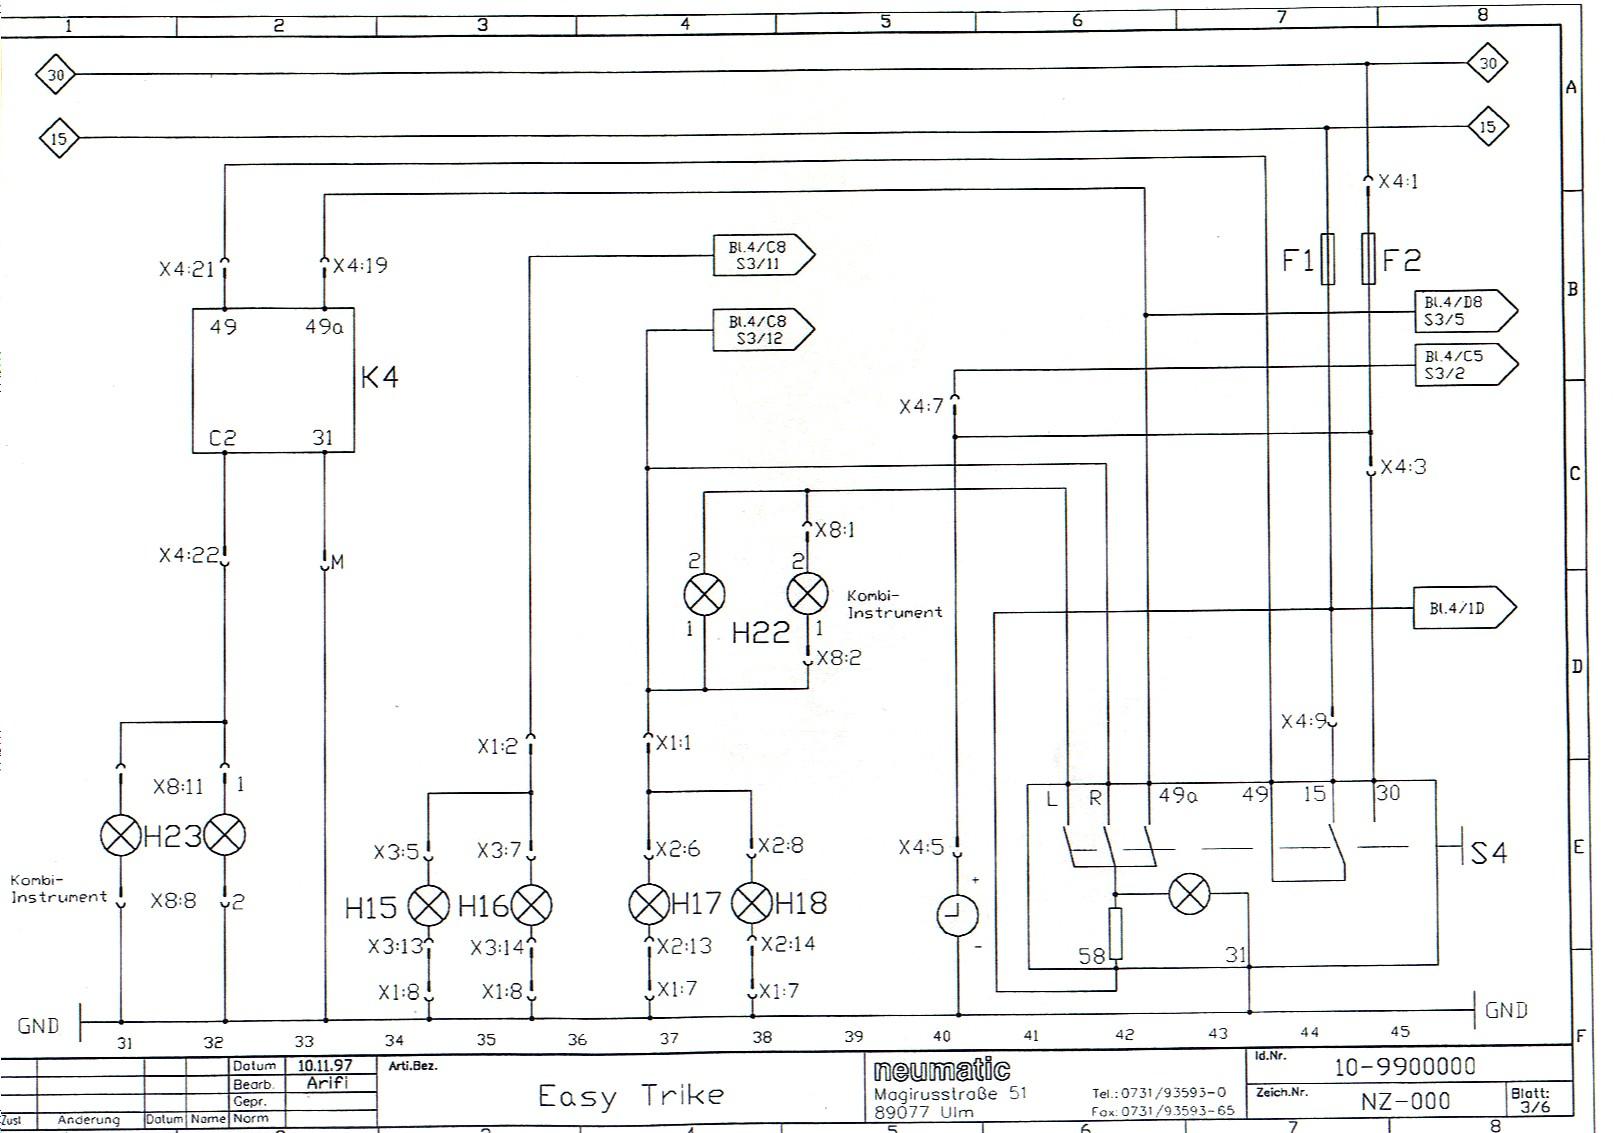 Gemütlich 4 Draht Zu 5 Draht Anhänger Schaltplan Fotos - Elektrische ...